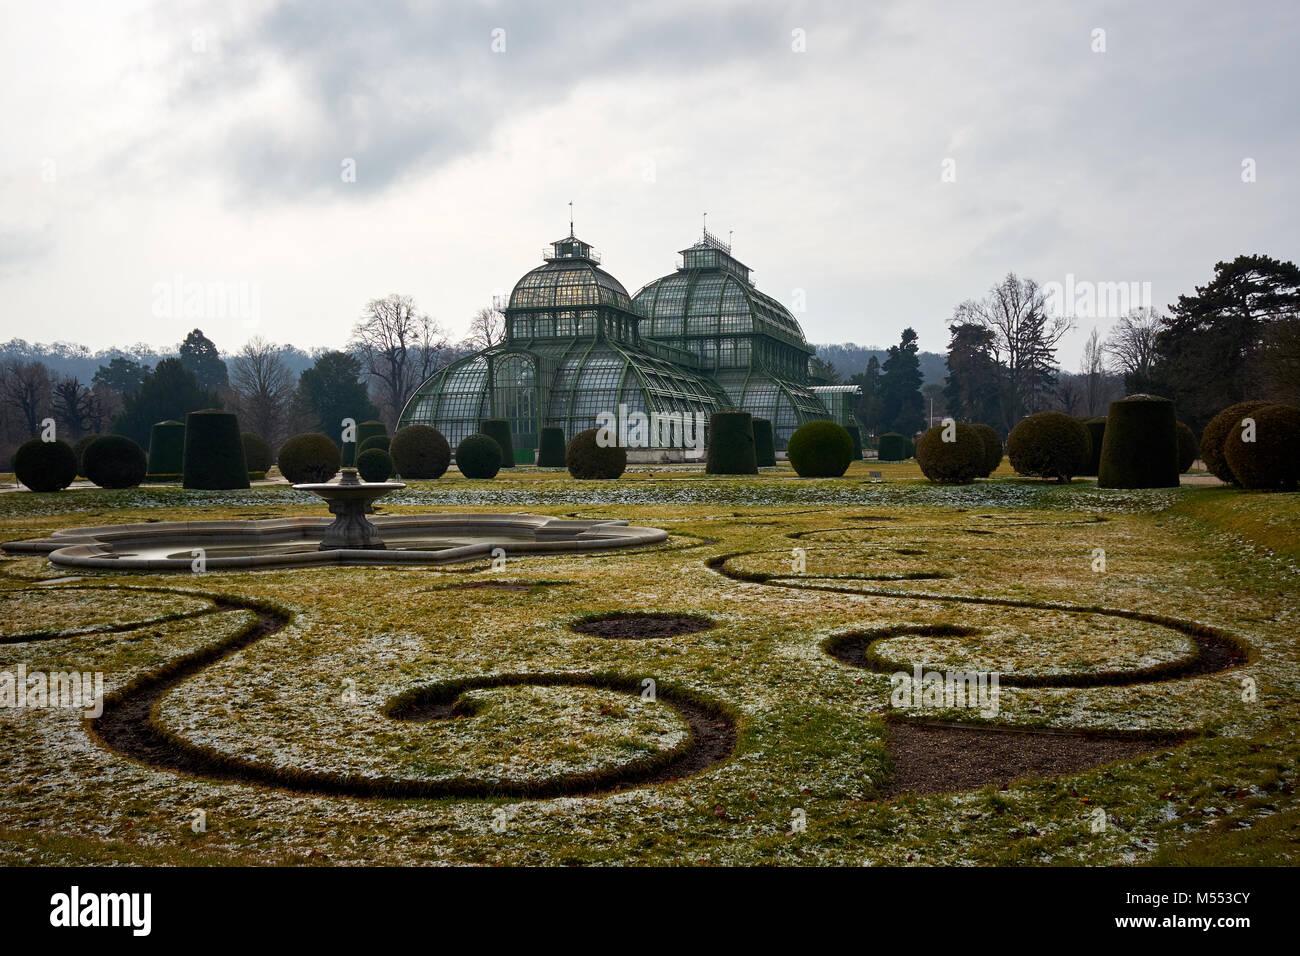 Vienna, Austria - 18 Febbraio 2018: la Palmenhaus / Schönbrunn Schönbrunn la casa delle palme nei giardini Immagini Stock